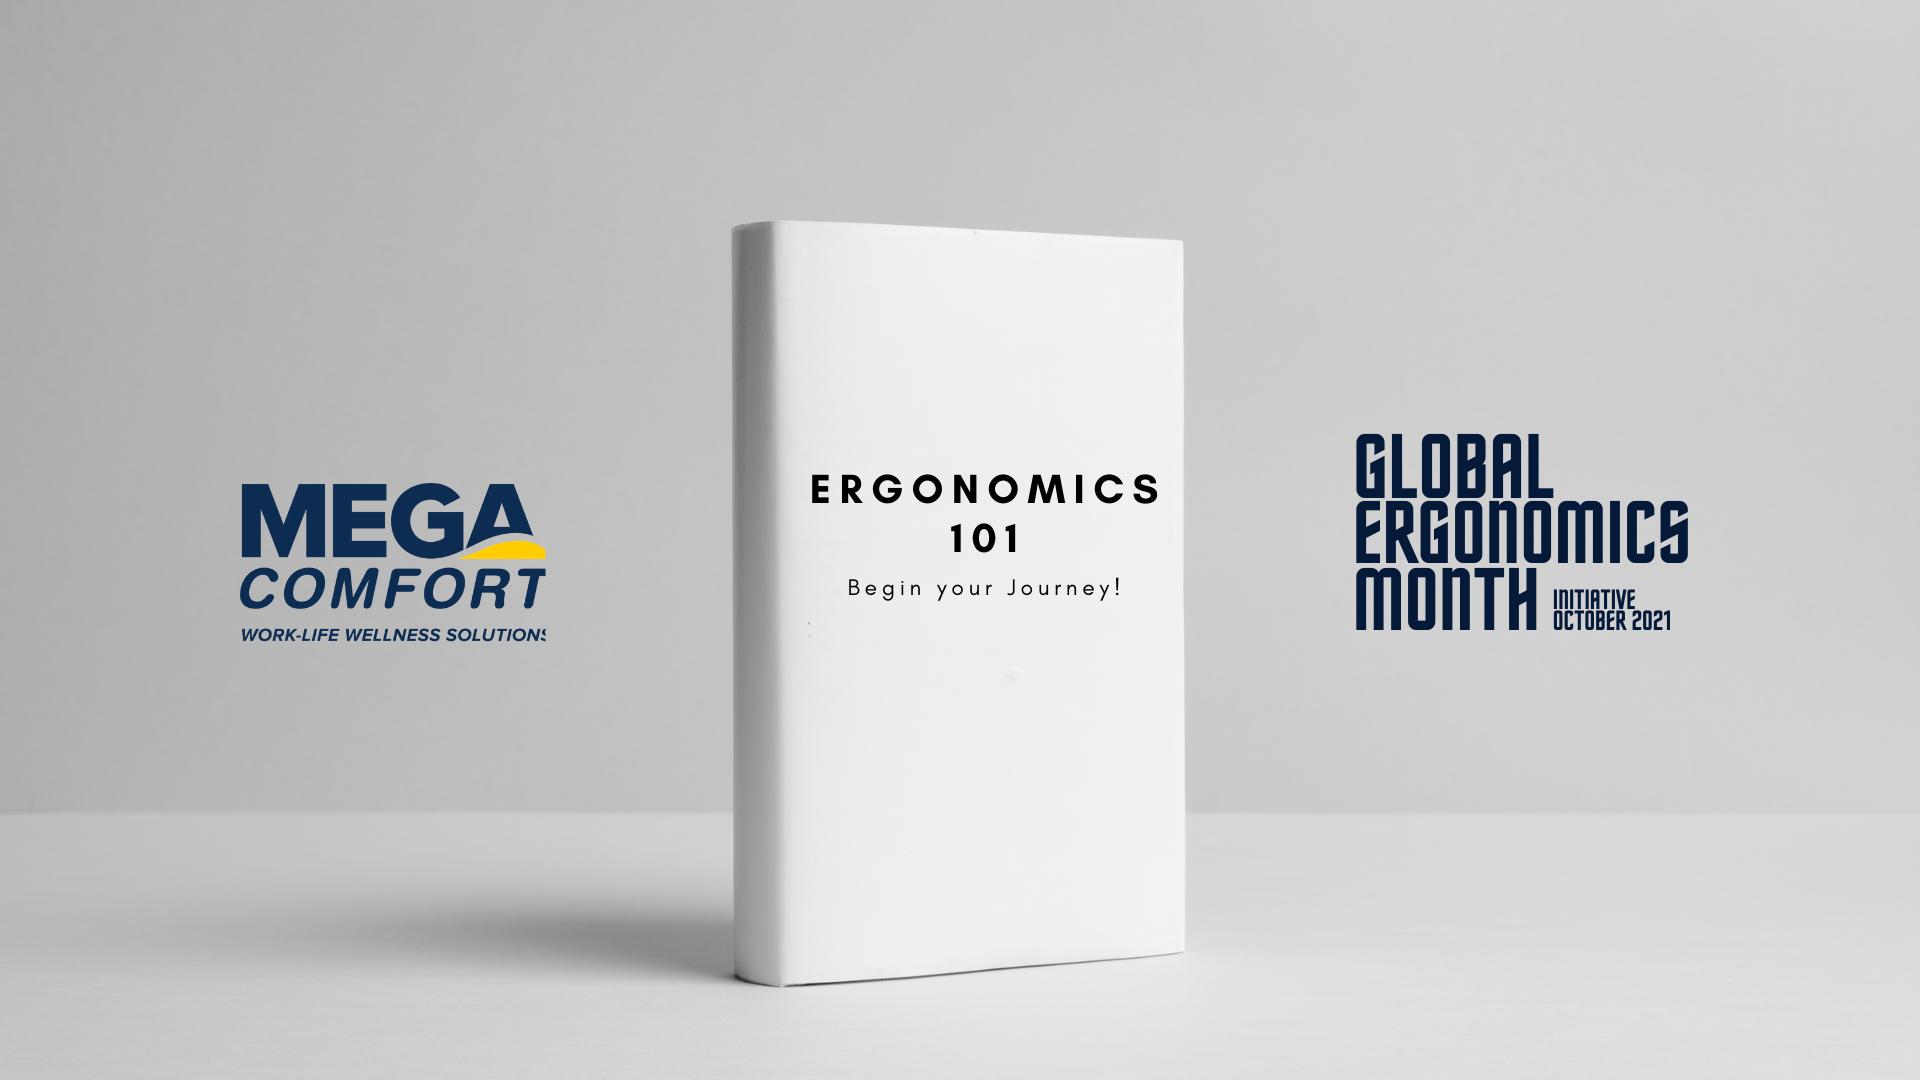 Global Ergonomics Month